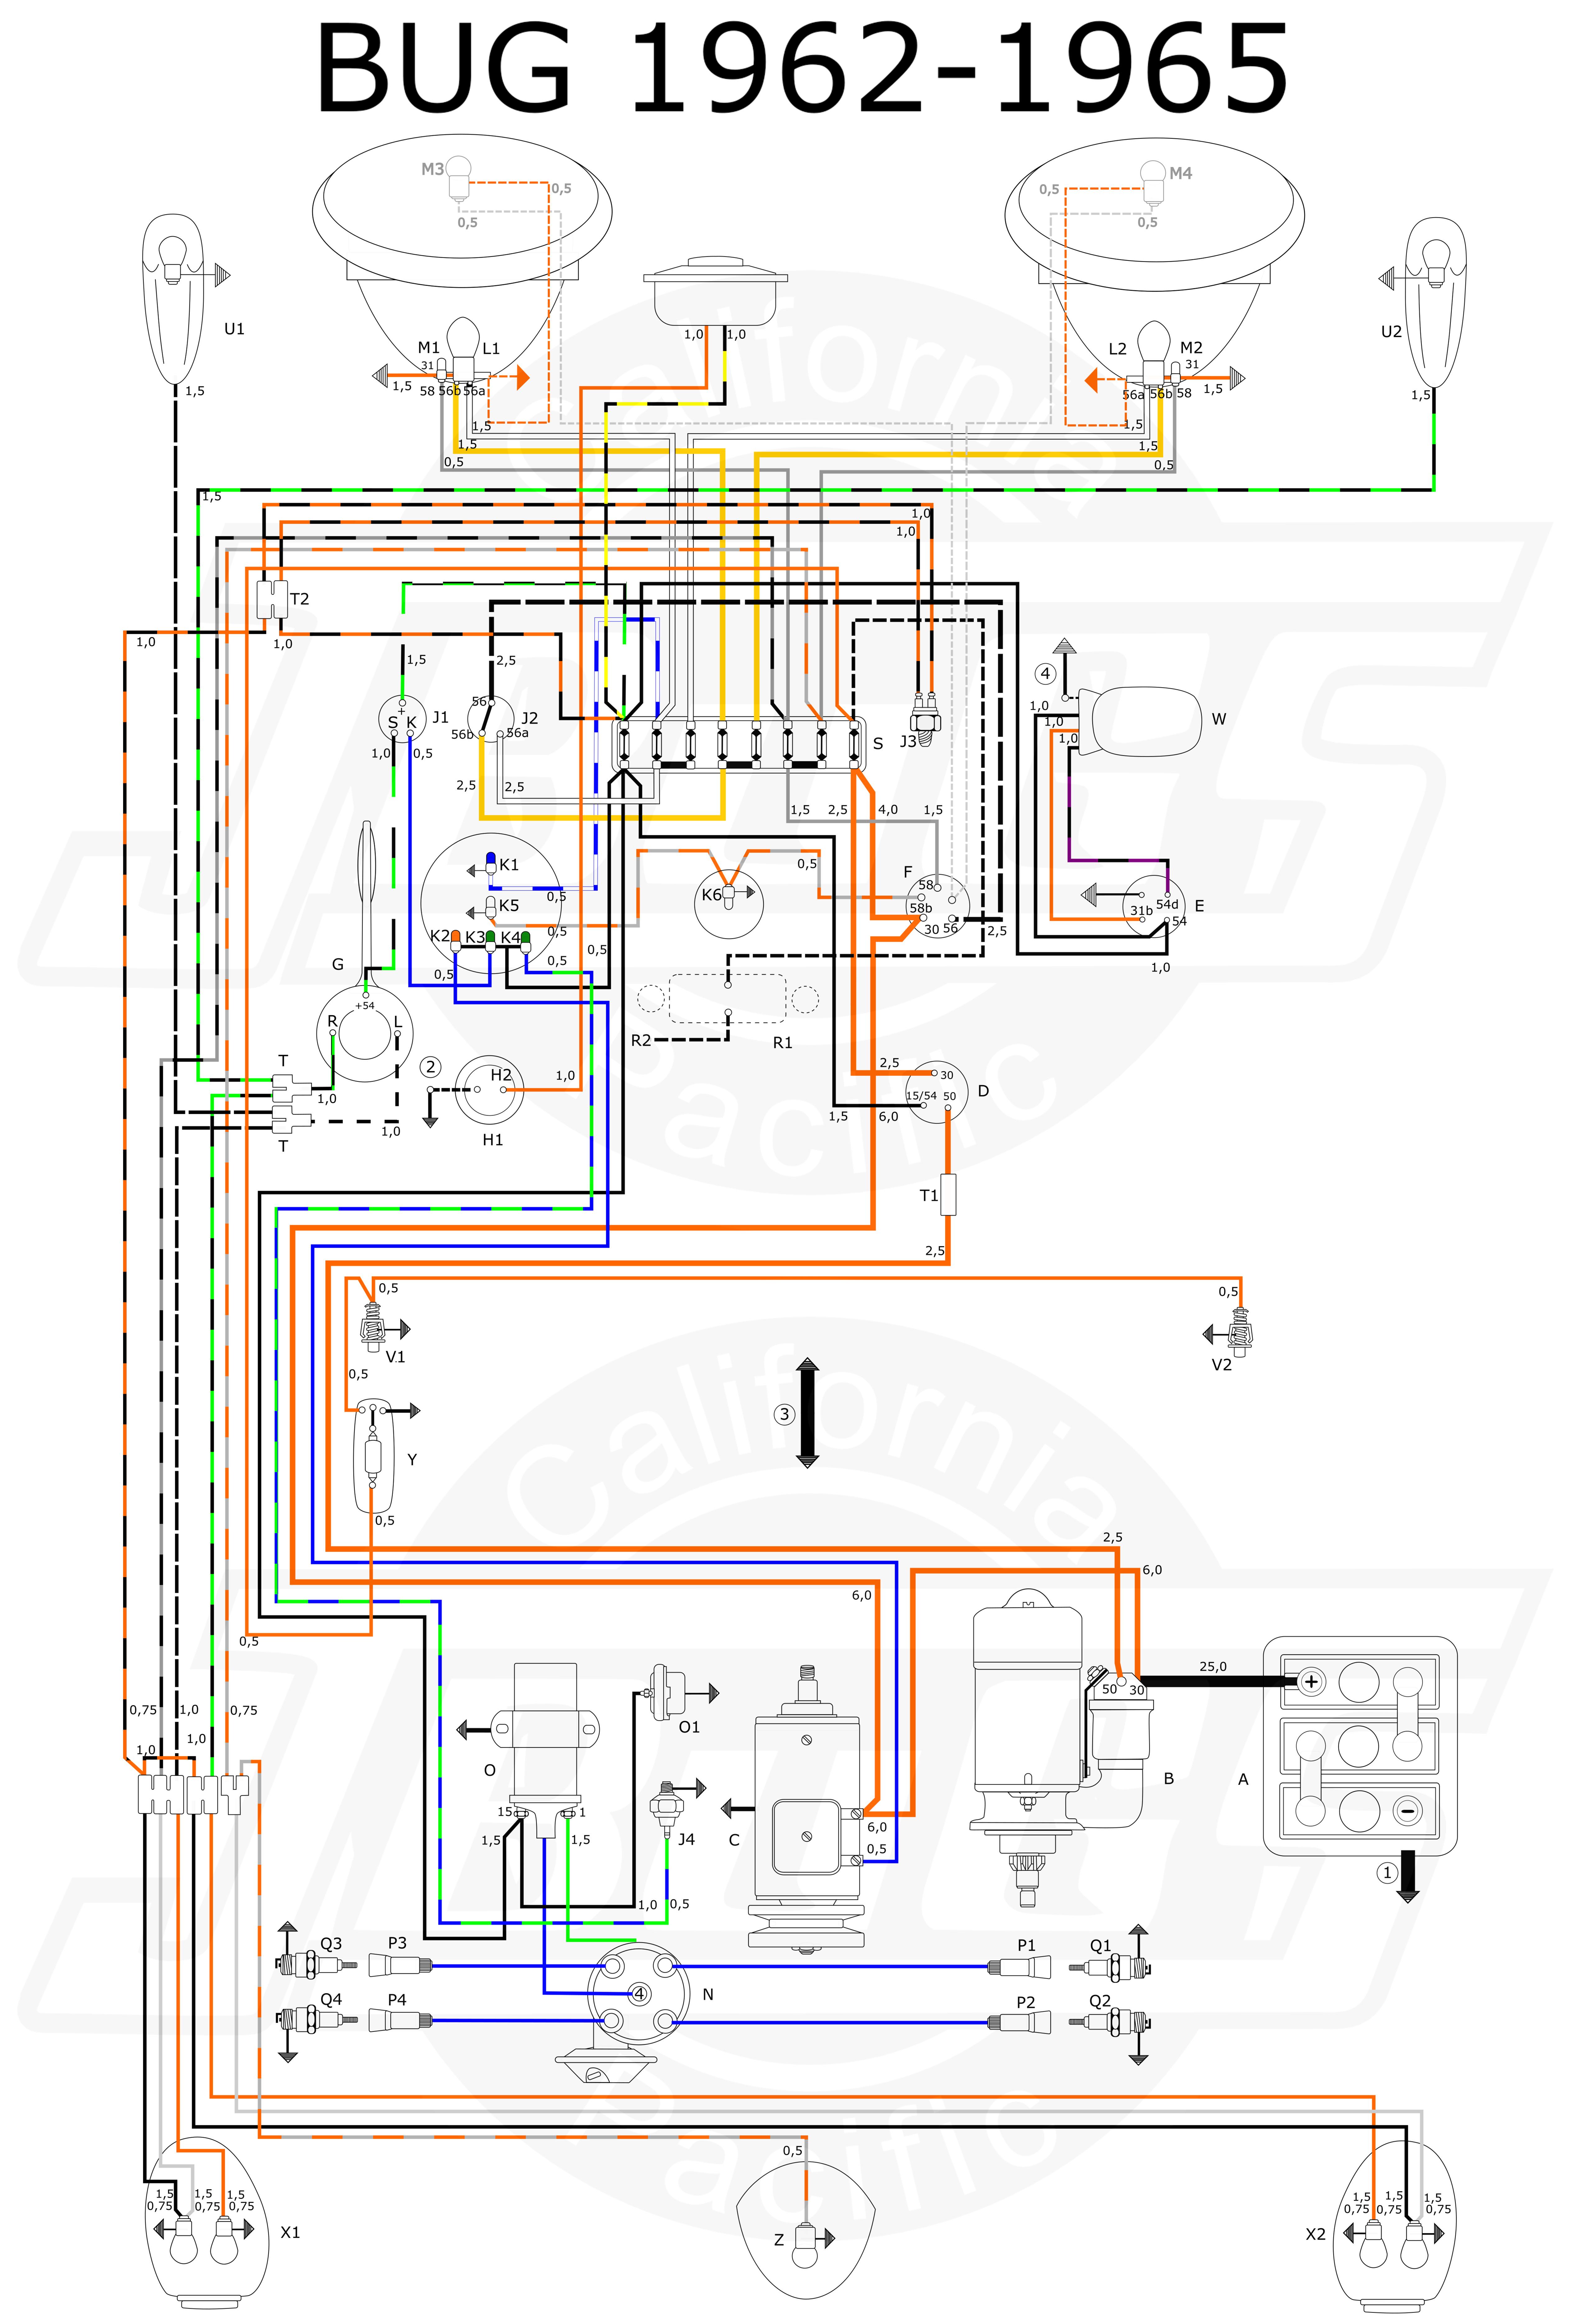 1963 vw van wiring diagram dk 4688  vw 181 thing wiring diagram type 181 wiring diagram hecho  vw 181 thing wiring diagram type 181